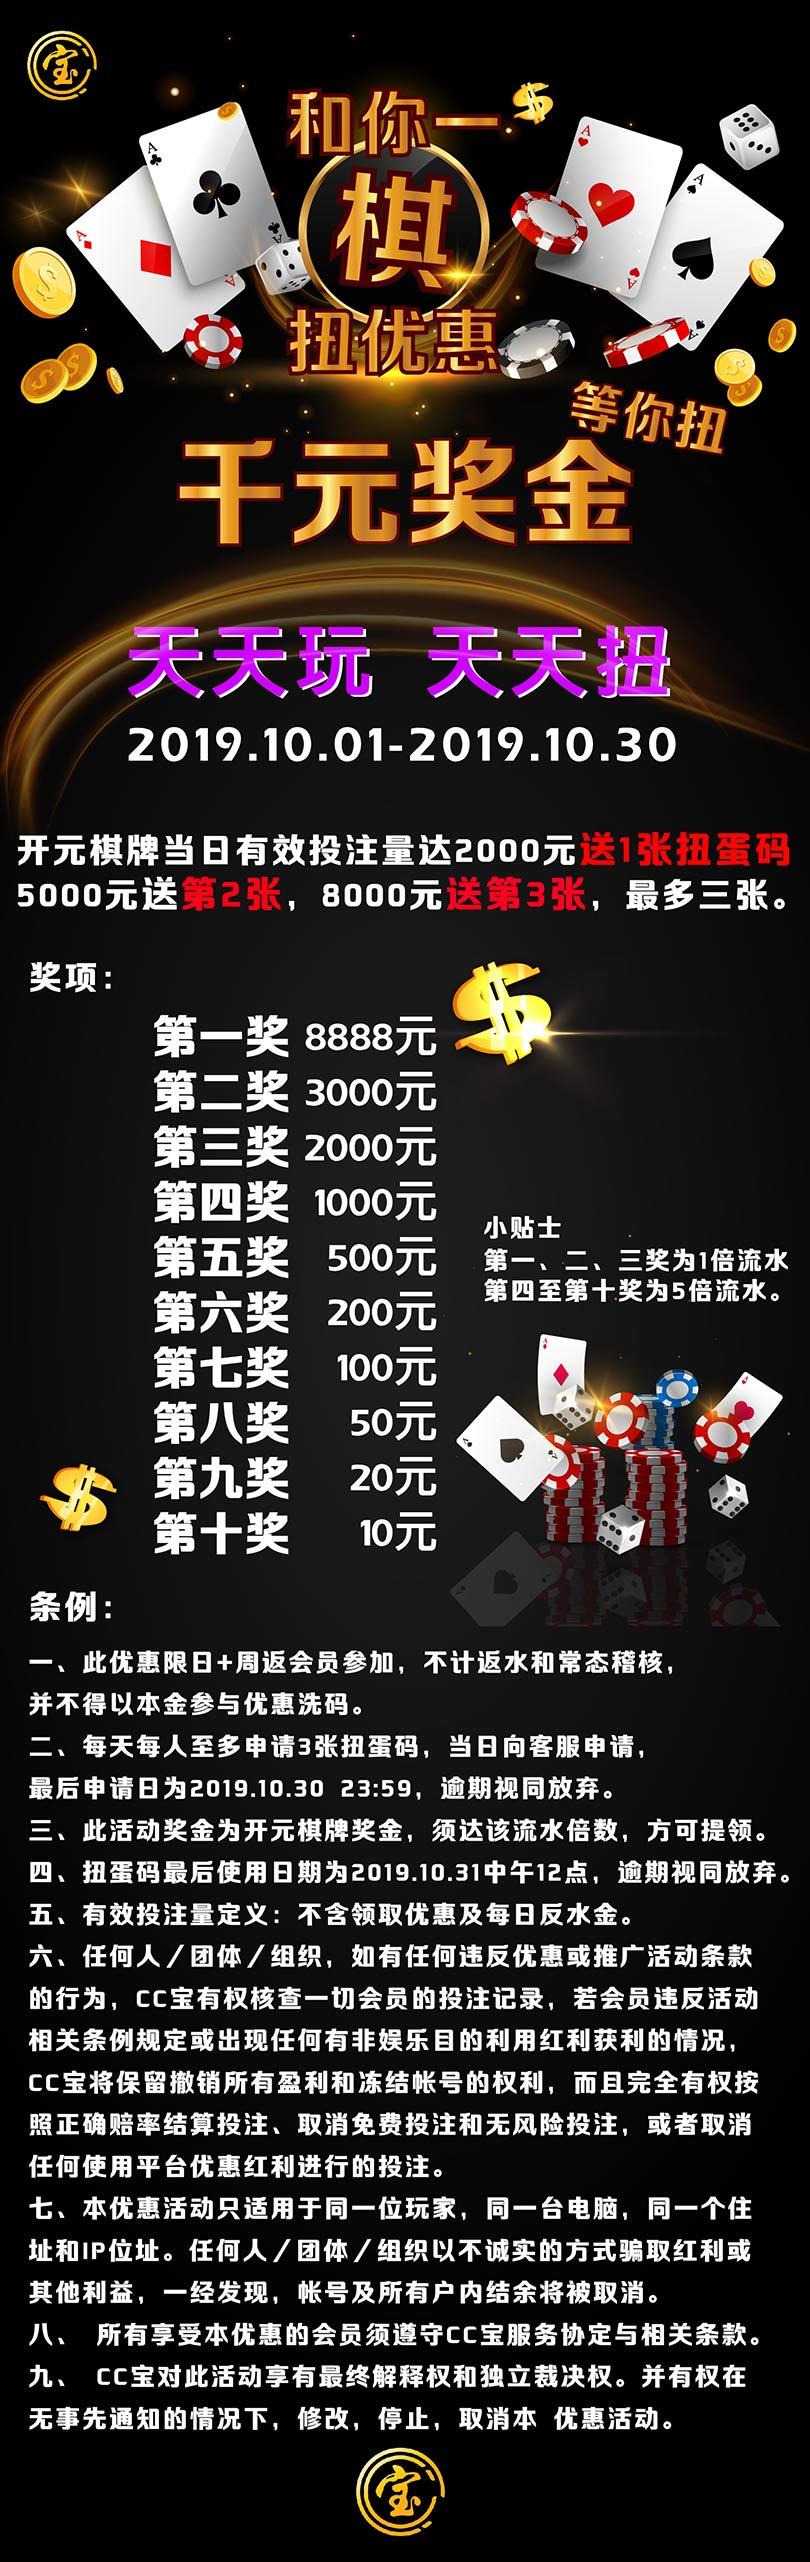 CC宝 CC集团 开元棋牌